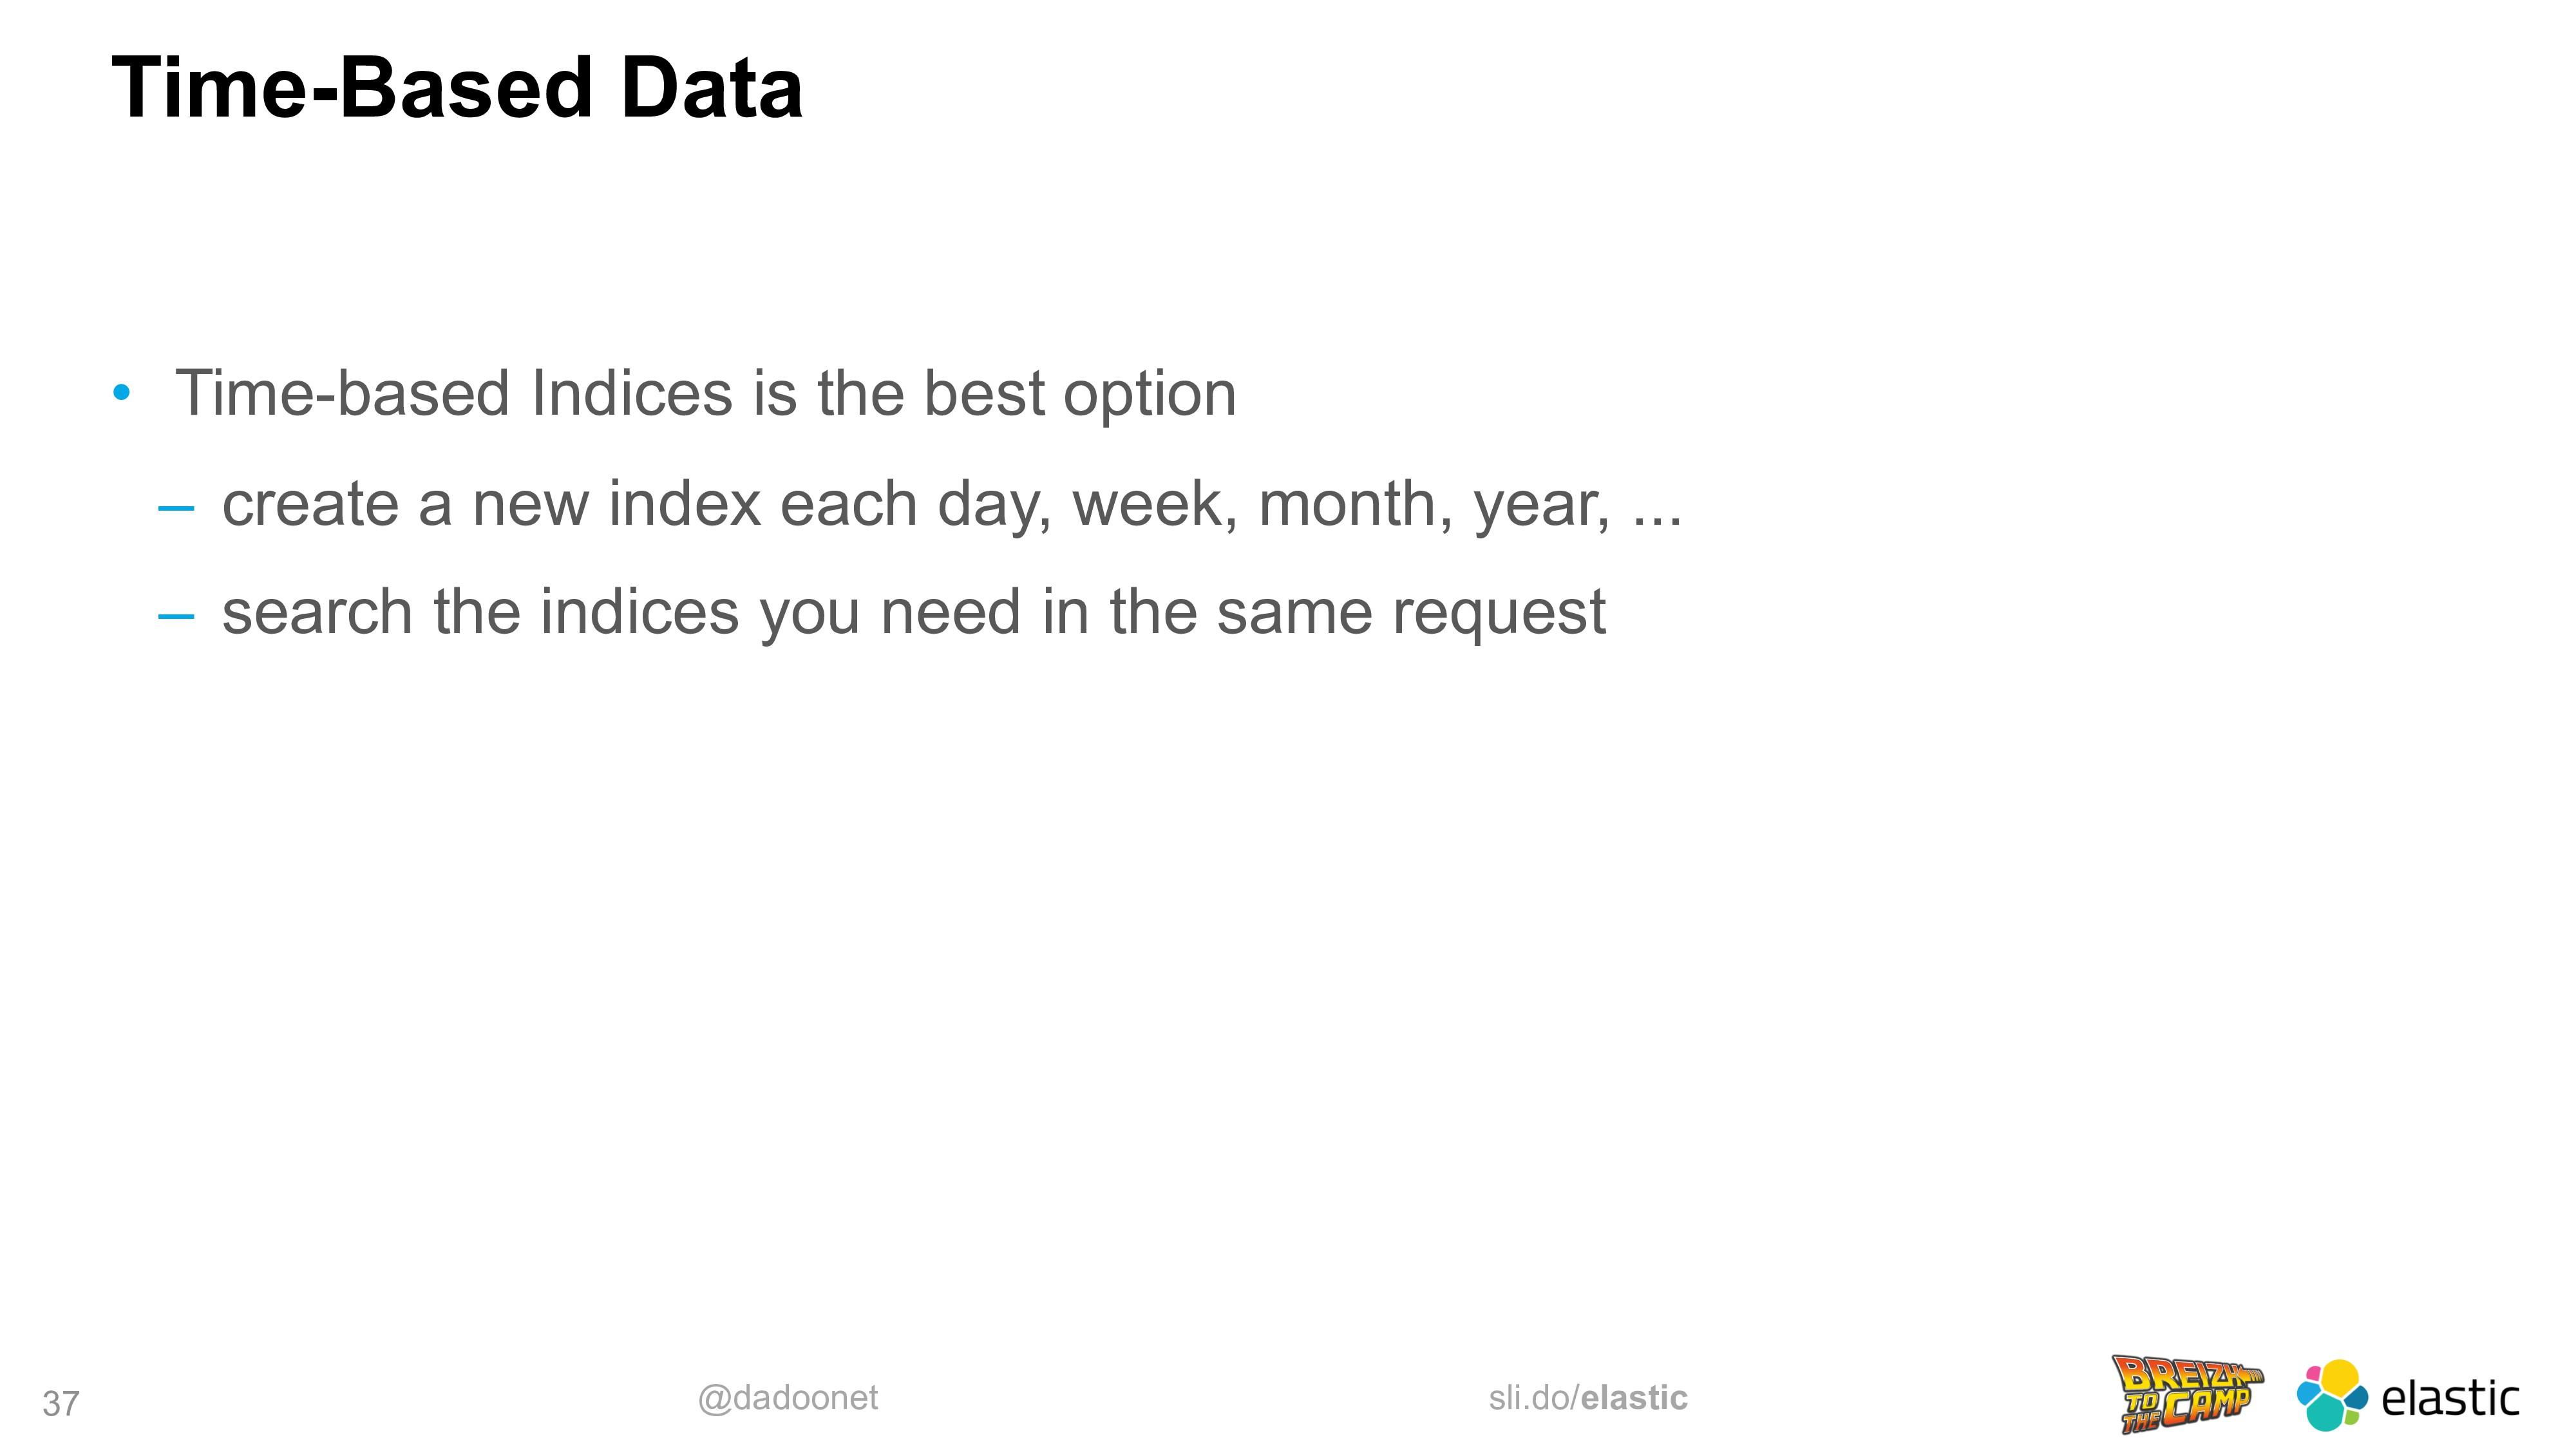 @dadoonet sli.do/elastic 37 Time-Based Data • T...